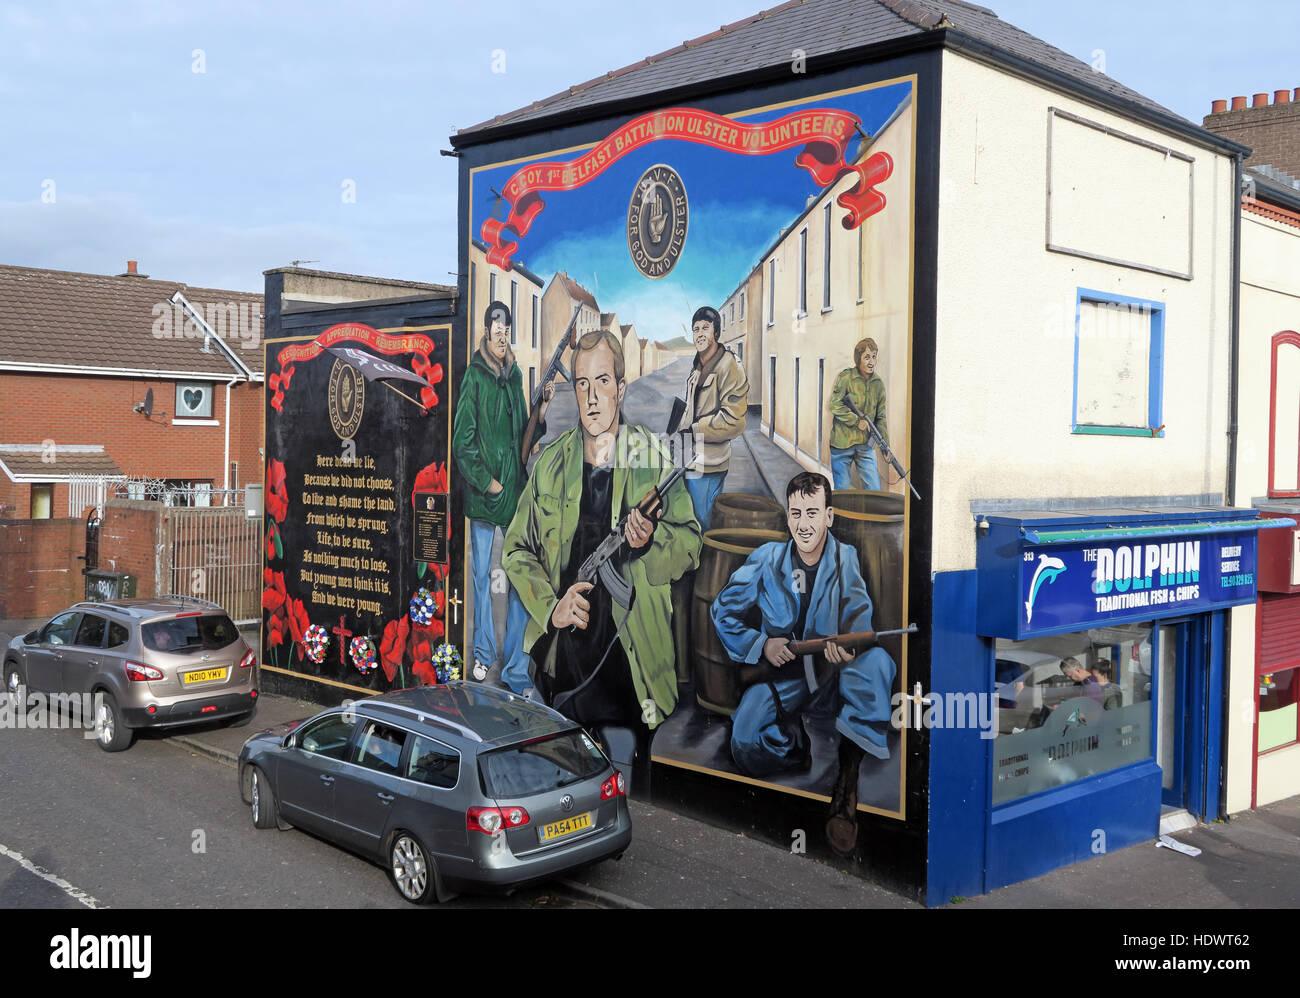 Laden Sie dieses Alamy Stockfoto UFF Freiwilligen Unionist Wandbild aus Shankill Road West Belfast, Nordirland, Vereinigtes Königreich - HDWT62